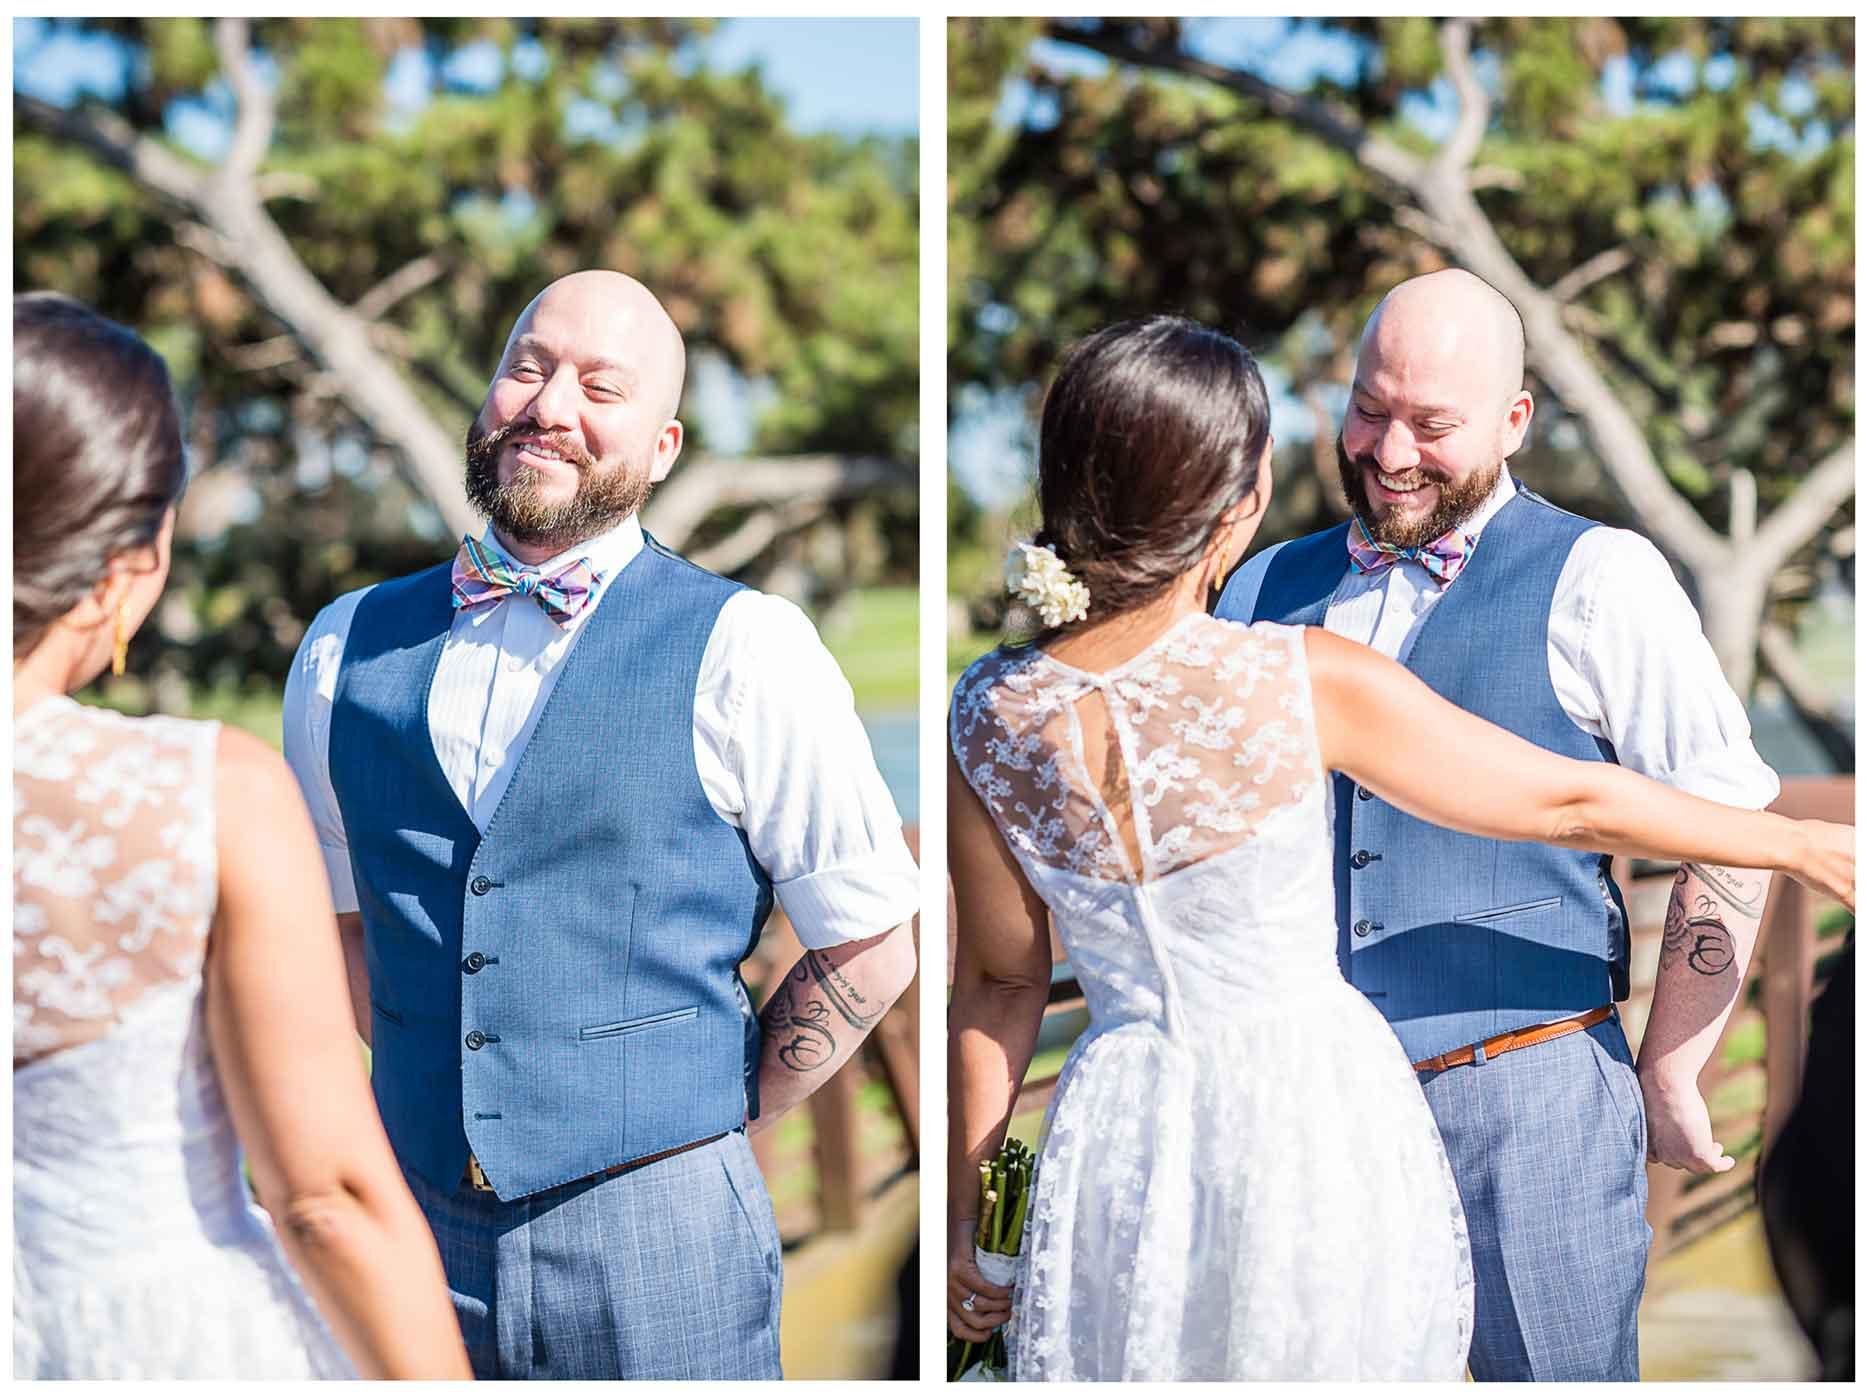 smlNahal-+-Joe-Wedding---Aug-2015-51.jpg